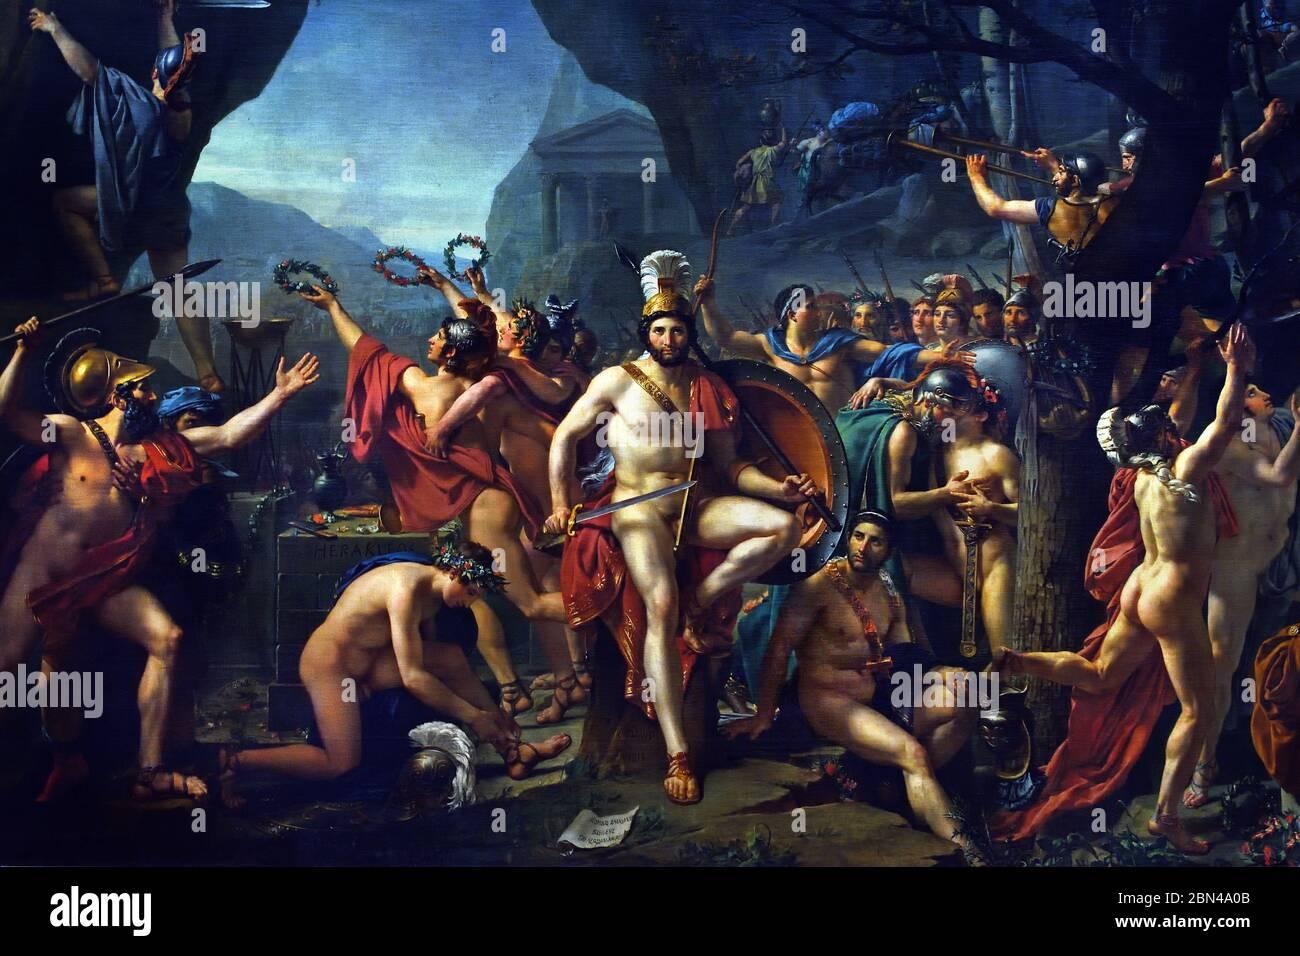 Leonidas en Thermopylae, por Jacques-Louis David, 1814 Francia Francés, Leonidas fue el rey espartano que dirigió una pequeña banda de aliados griegos en la batalla de Thermopylae en 480 AEC donde los griegos defendieron valientemente el paso a través del cual el rey persa Xerxes trató de invadir Grecia con su ejército masivo. Foto de stock